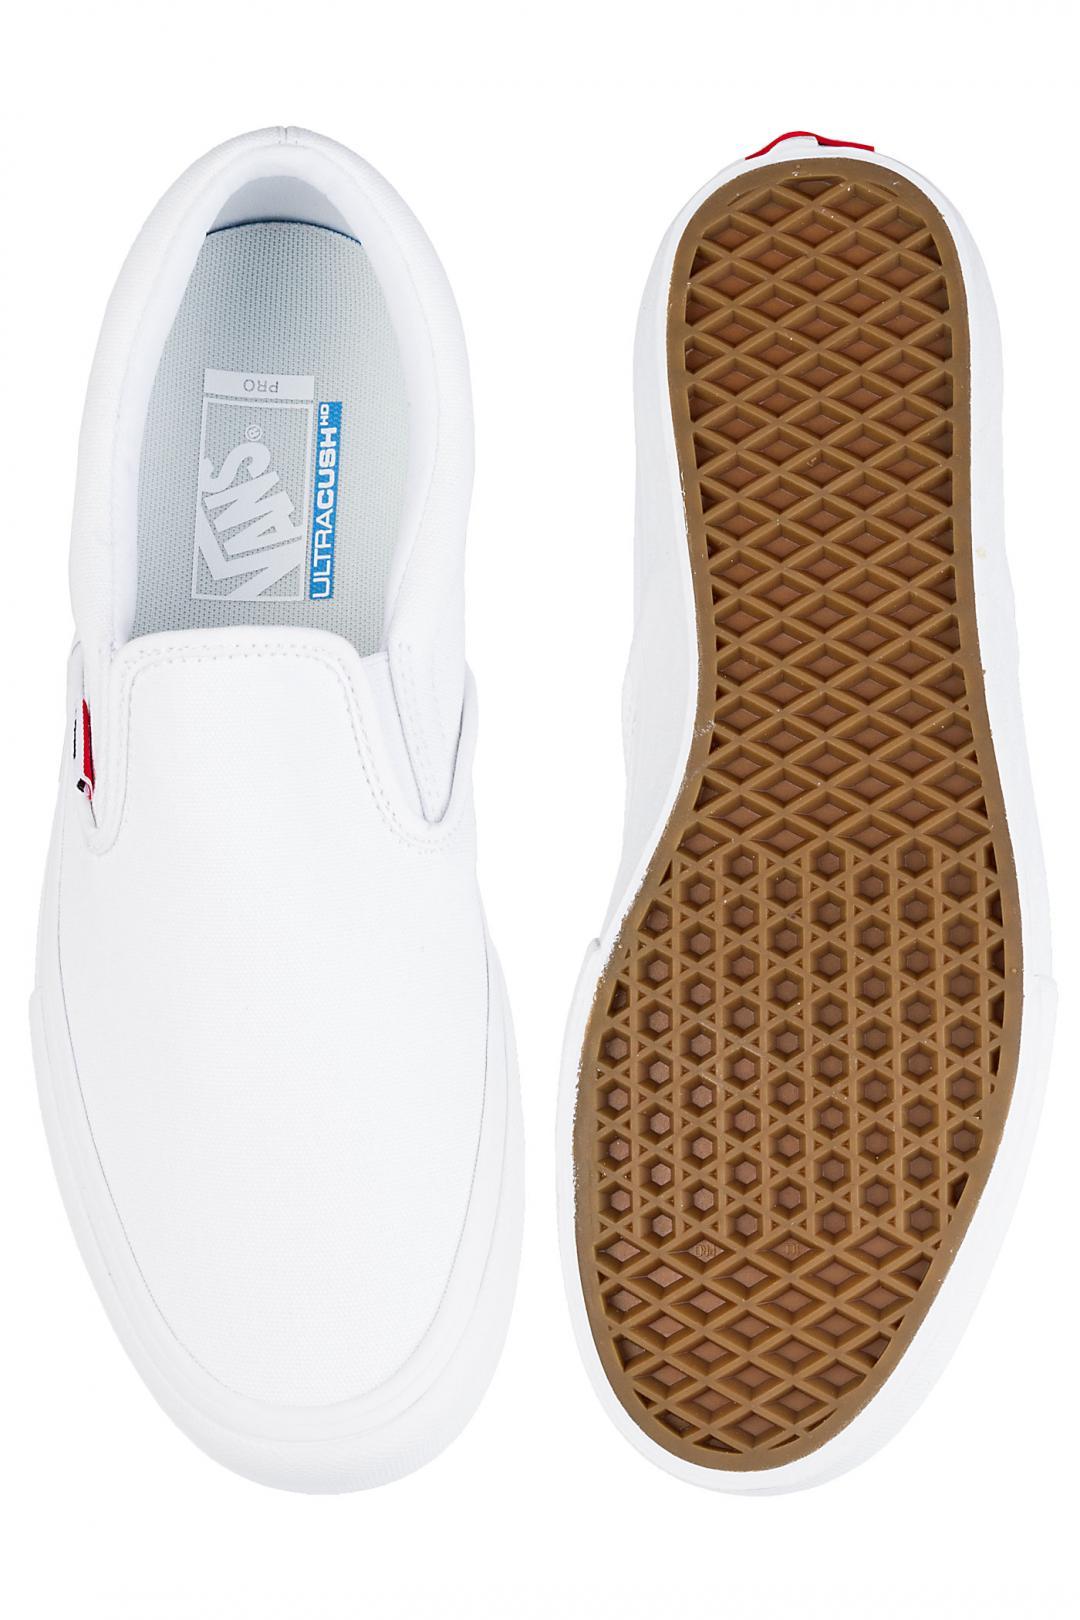 Uomo Vans Slip-On Pro white white | Sneakers slip on